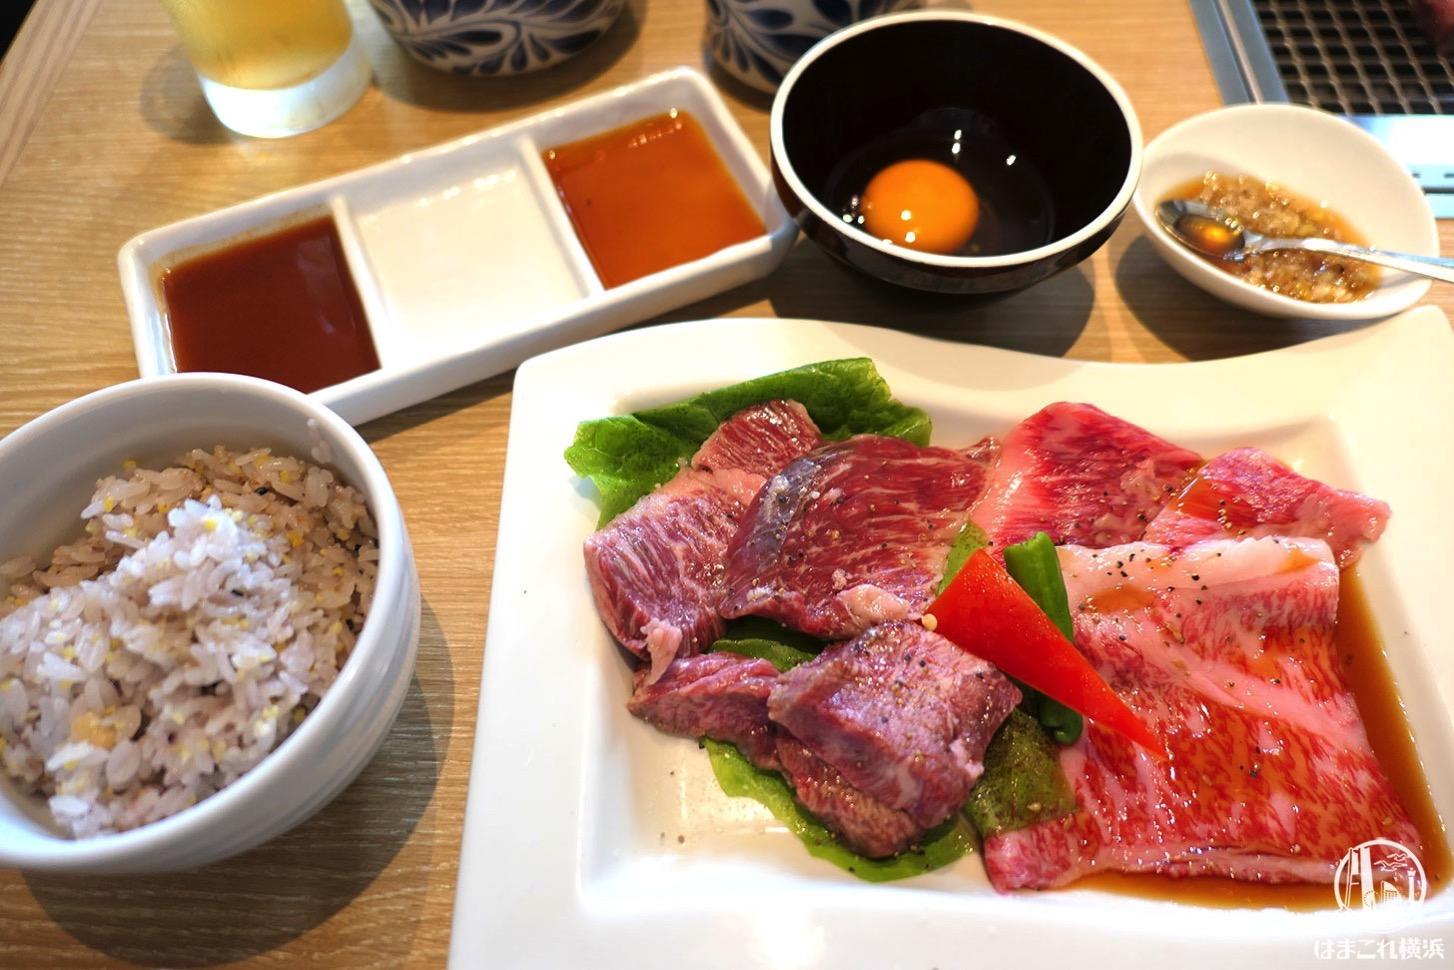 横浜焼肉kintan 焼肉ランチ